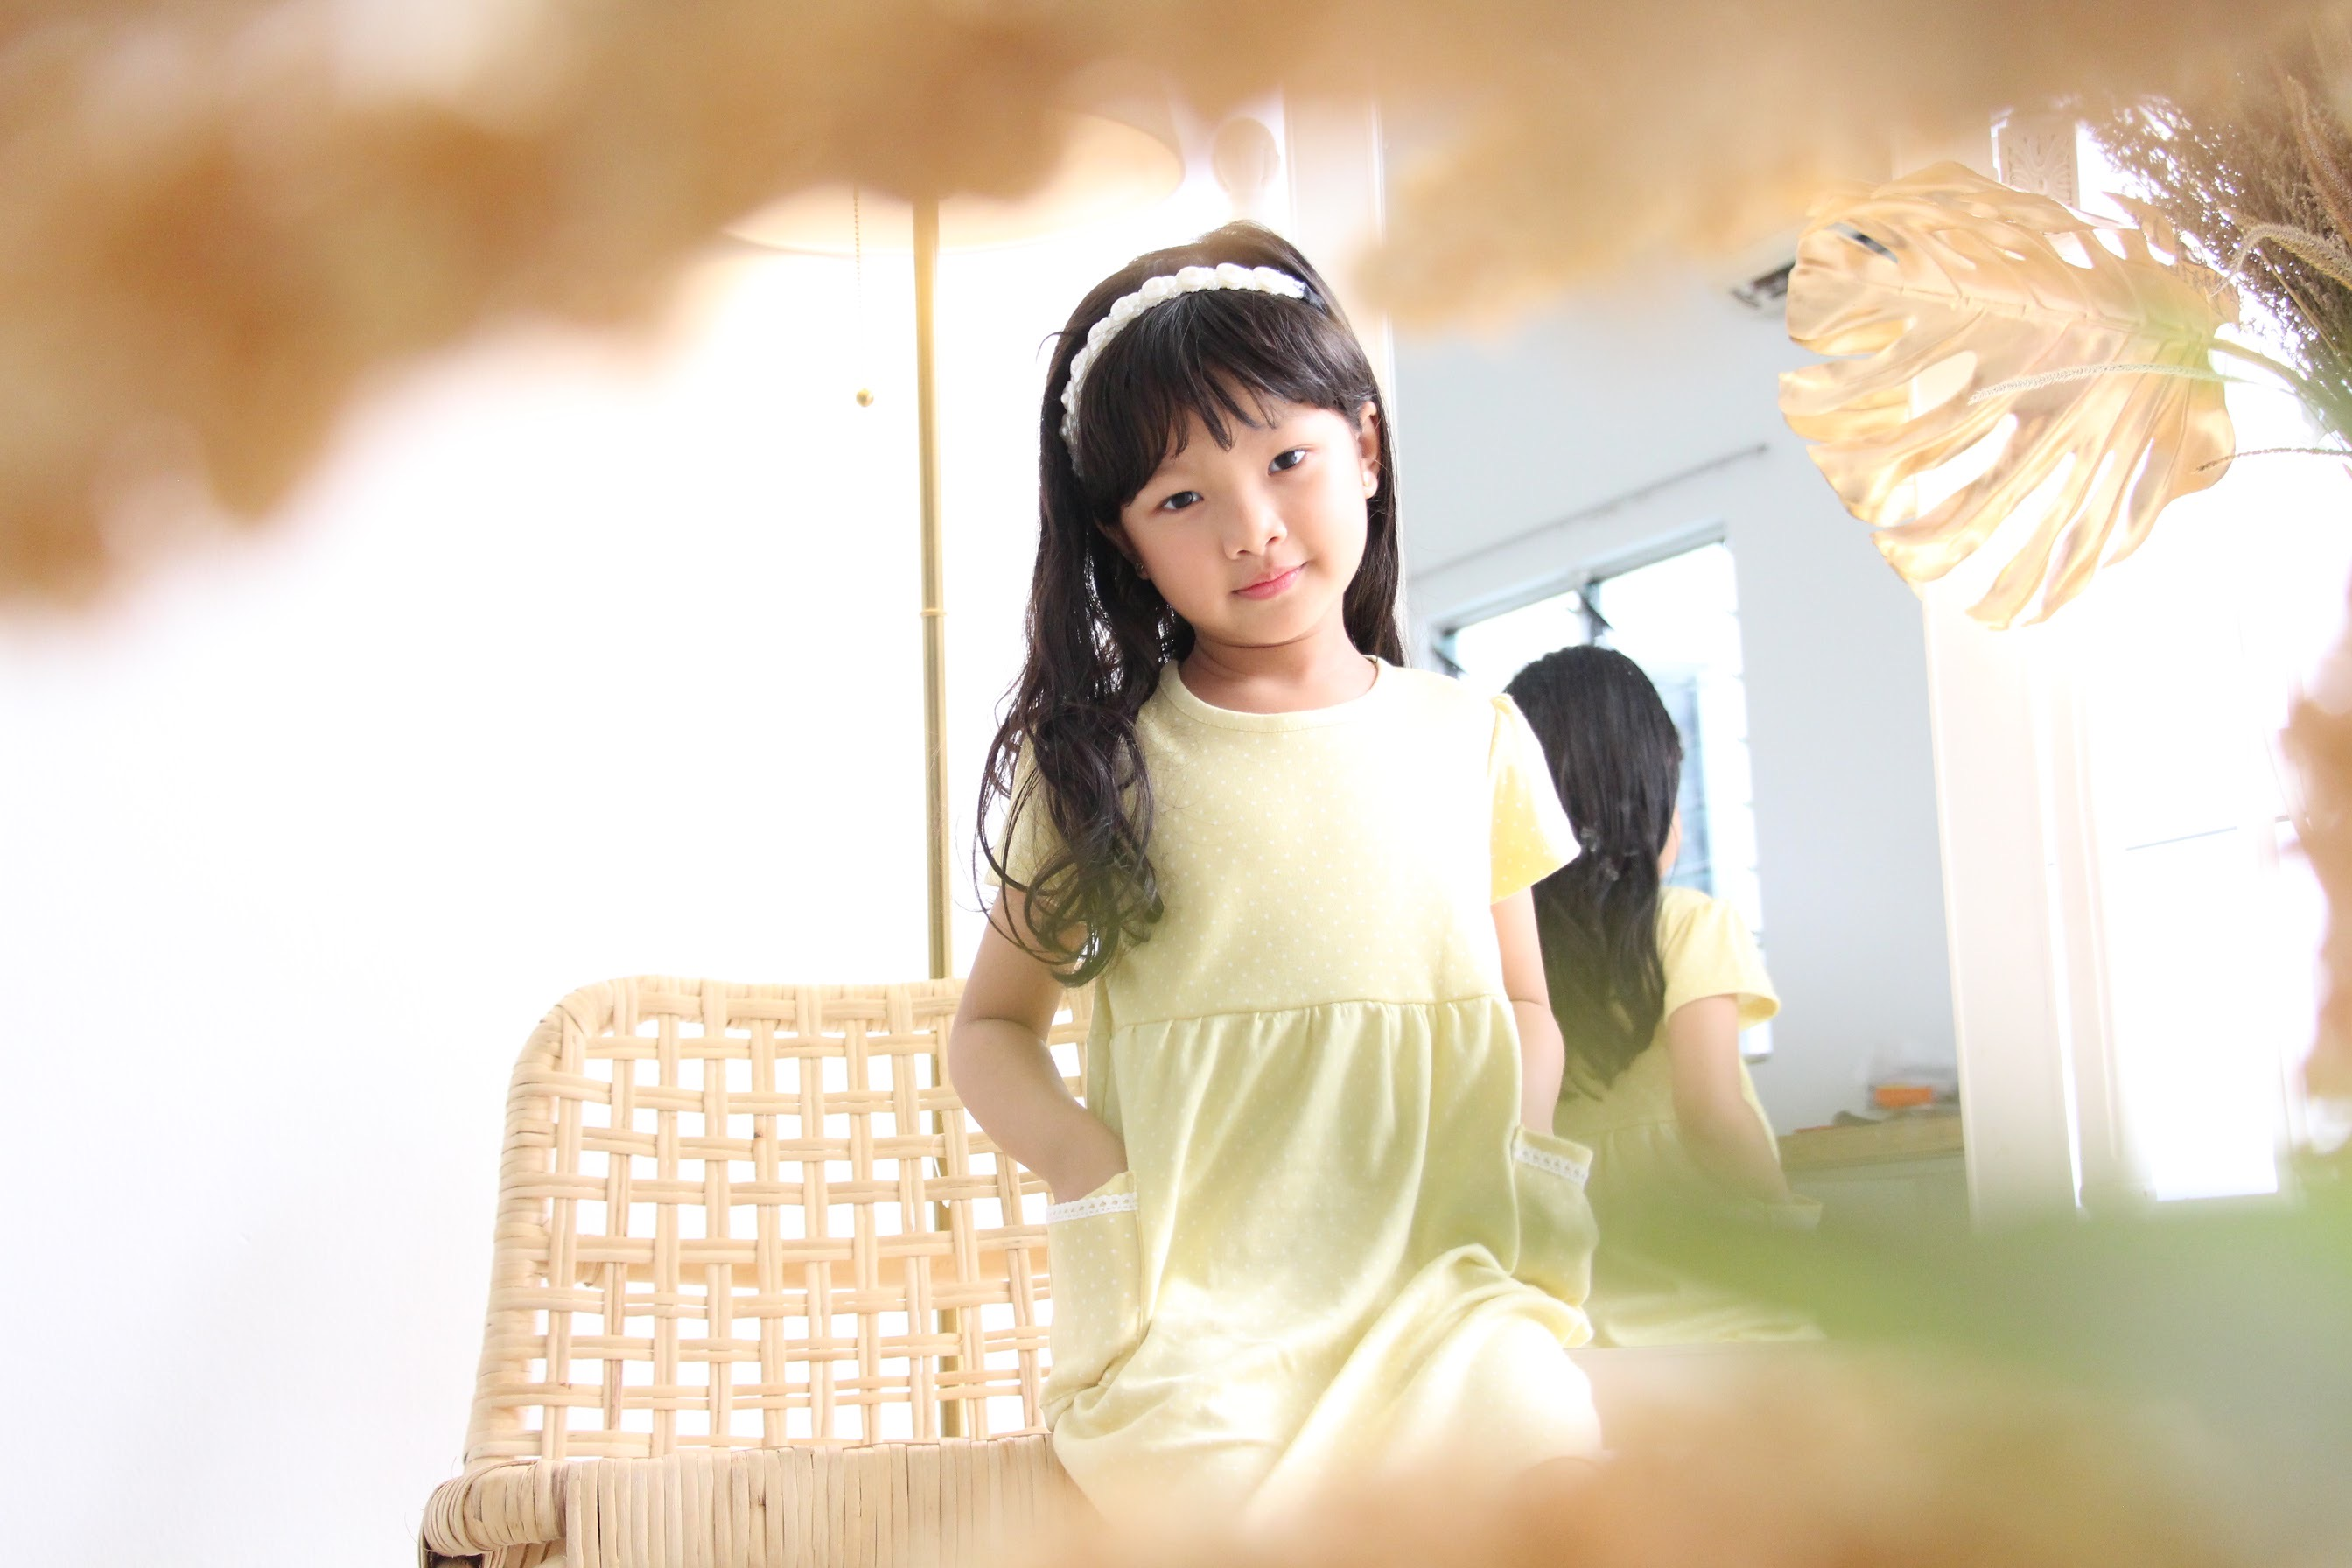 A cute girl wearing a yellow dress